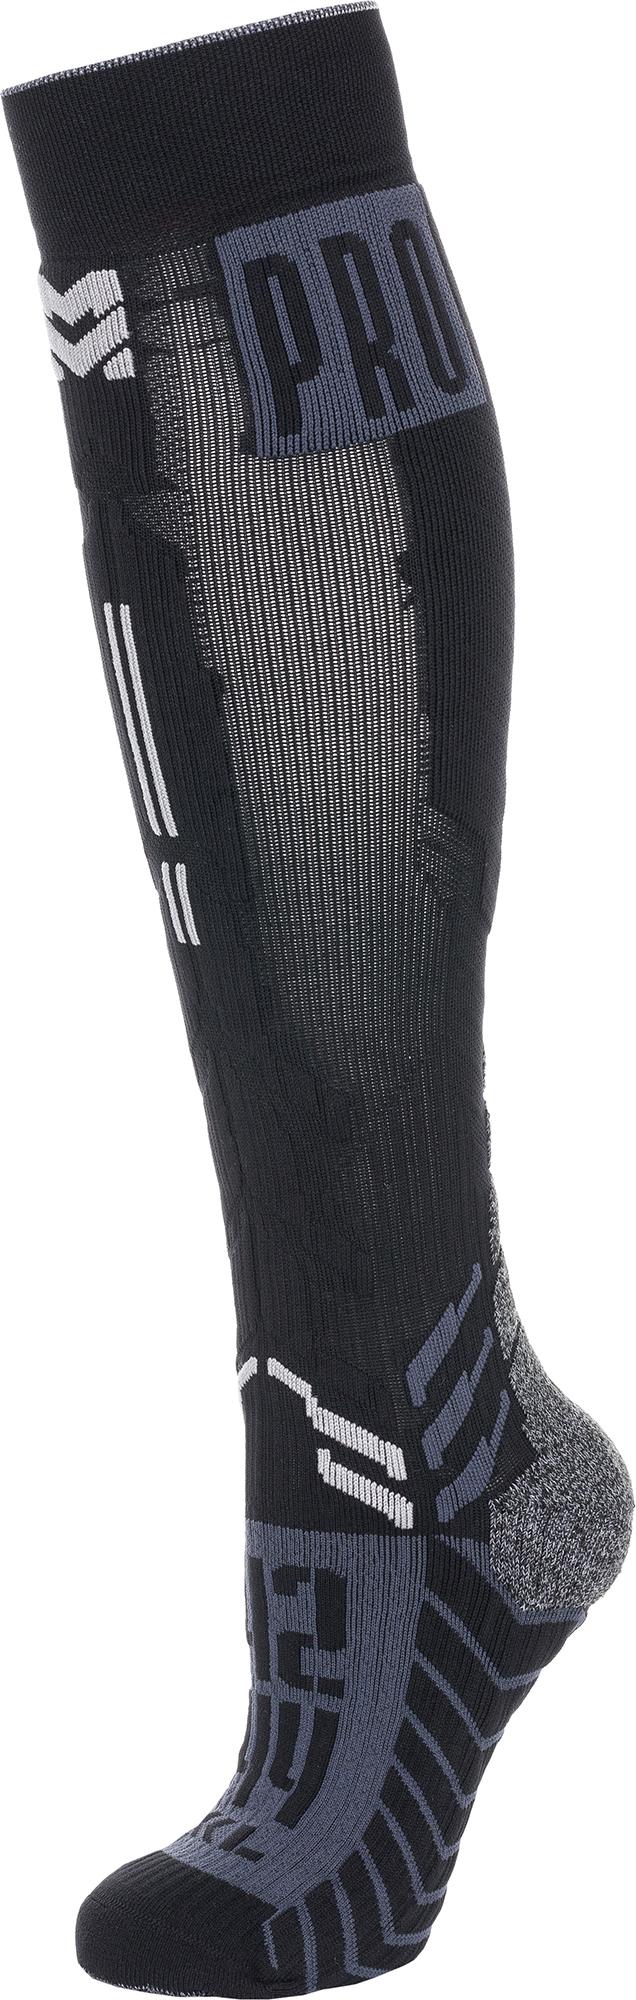 цена на Moretan Гольфы MORETAN Alpine Ski Grip, 1 пара, размер 45-47